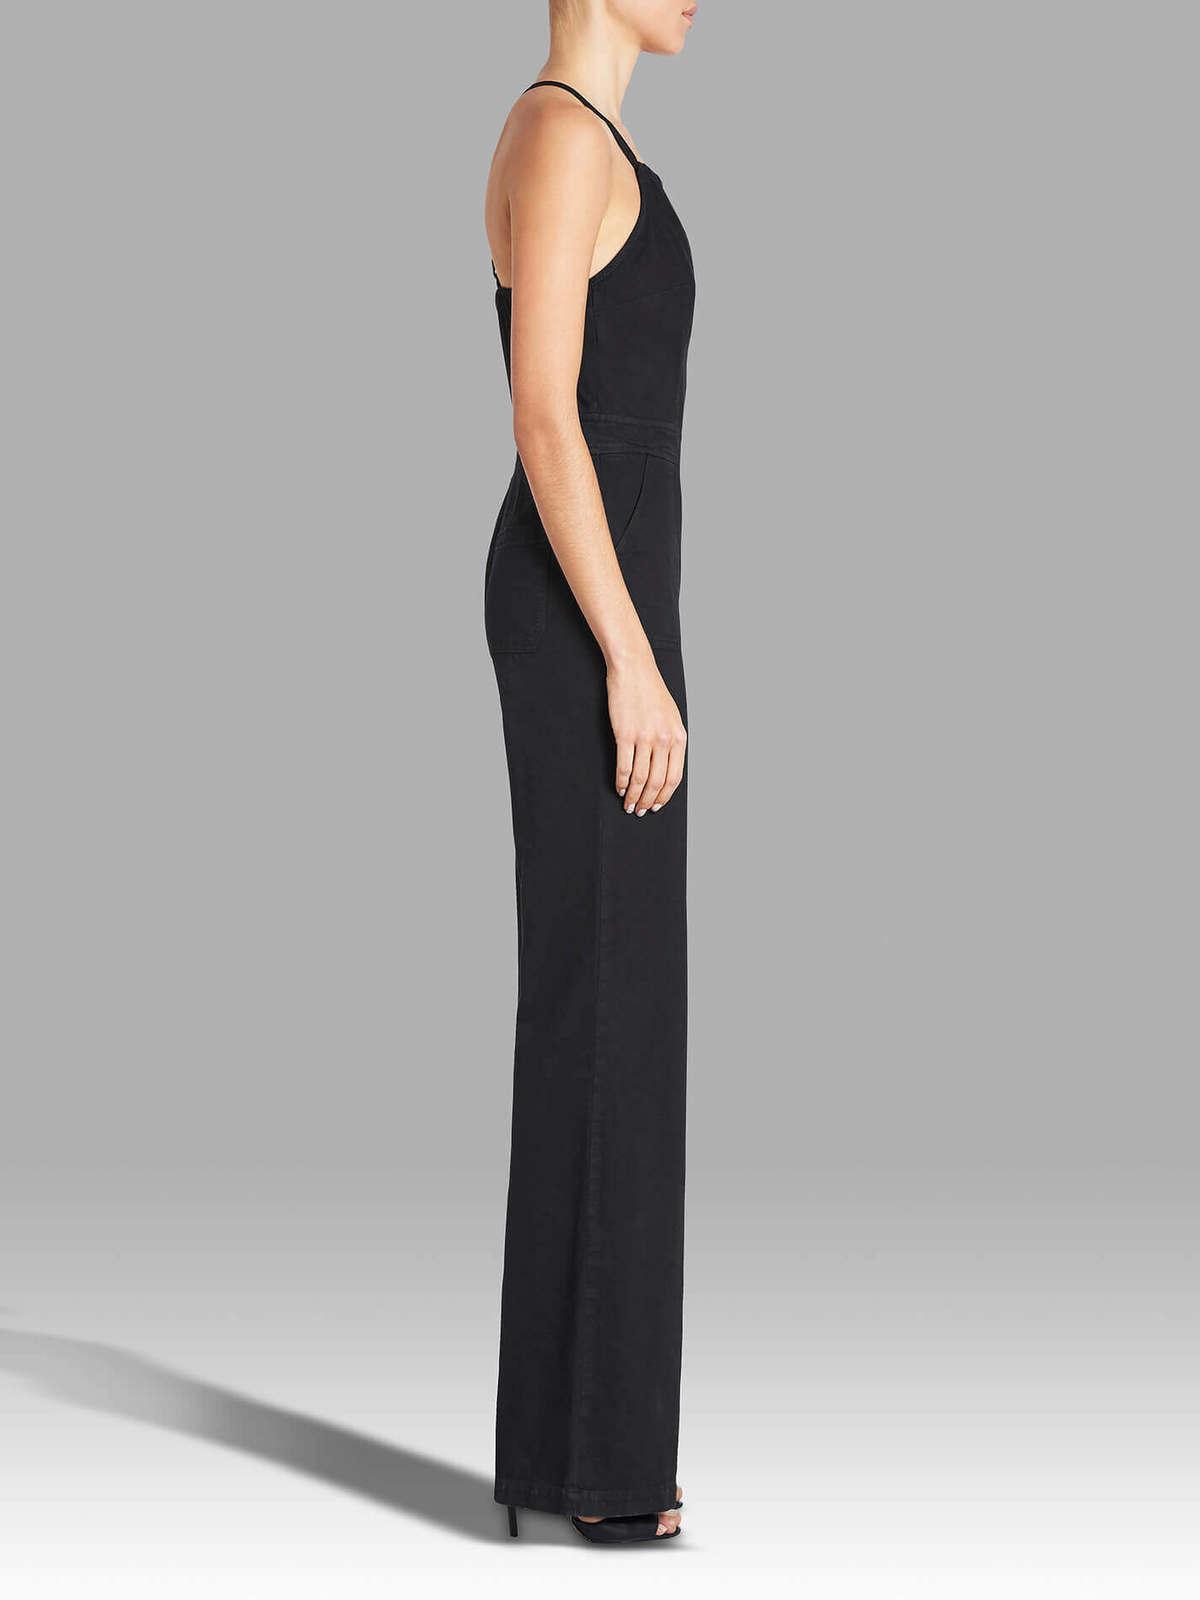 0938f9cd42a Paige Rihannon Jumpsuit - Black